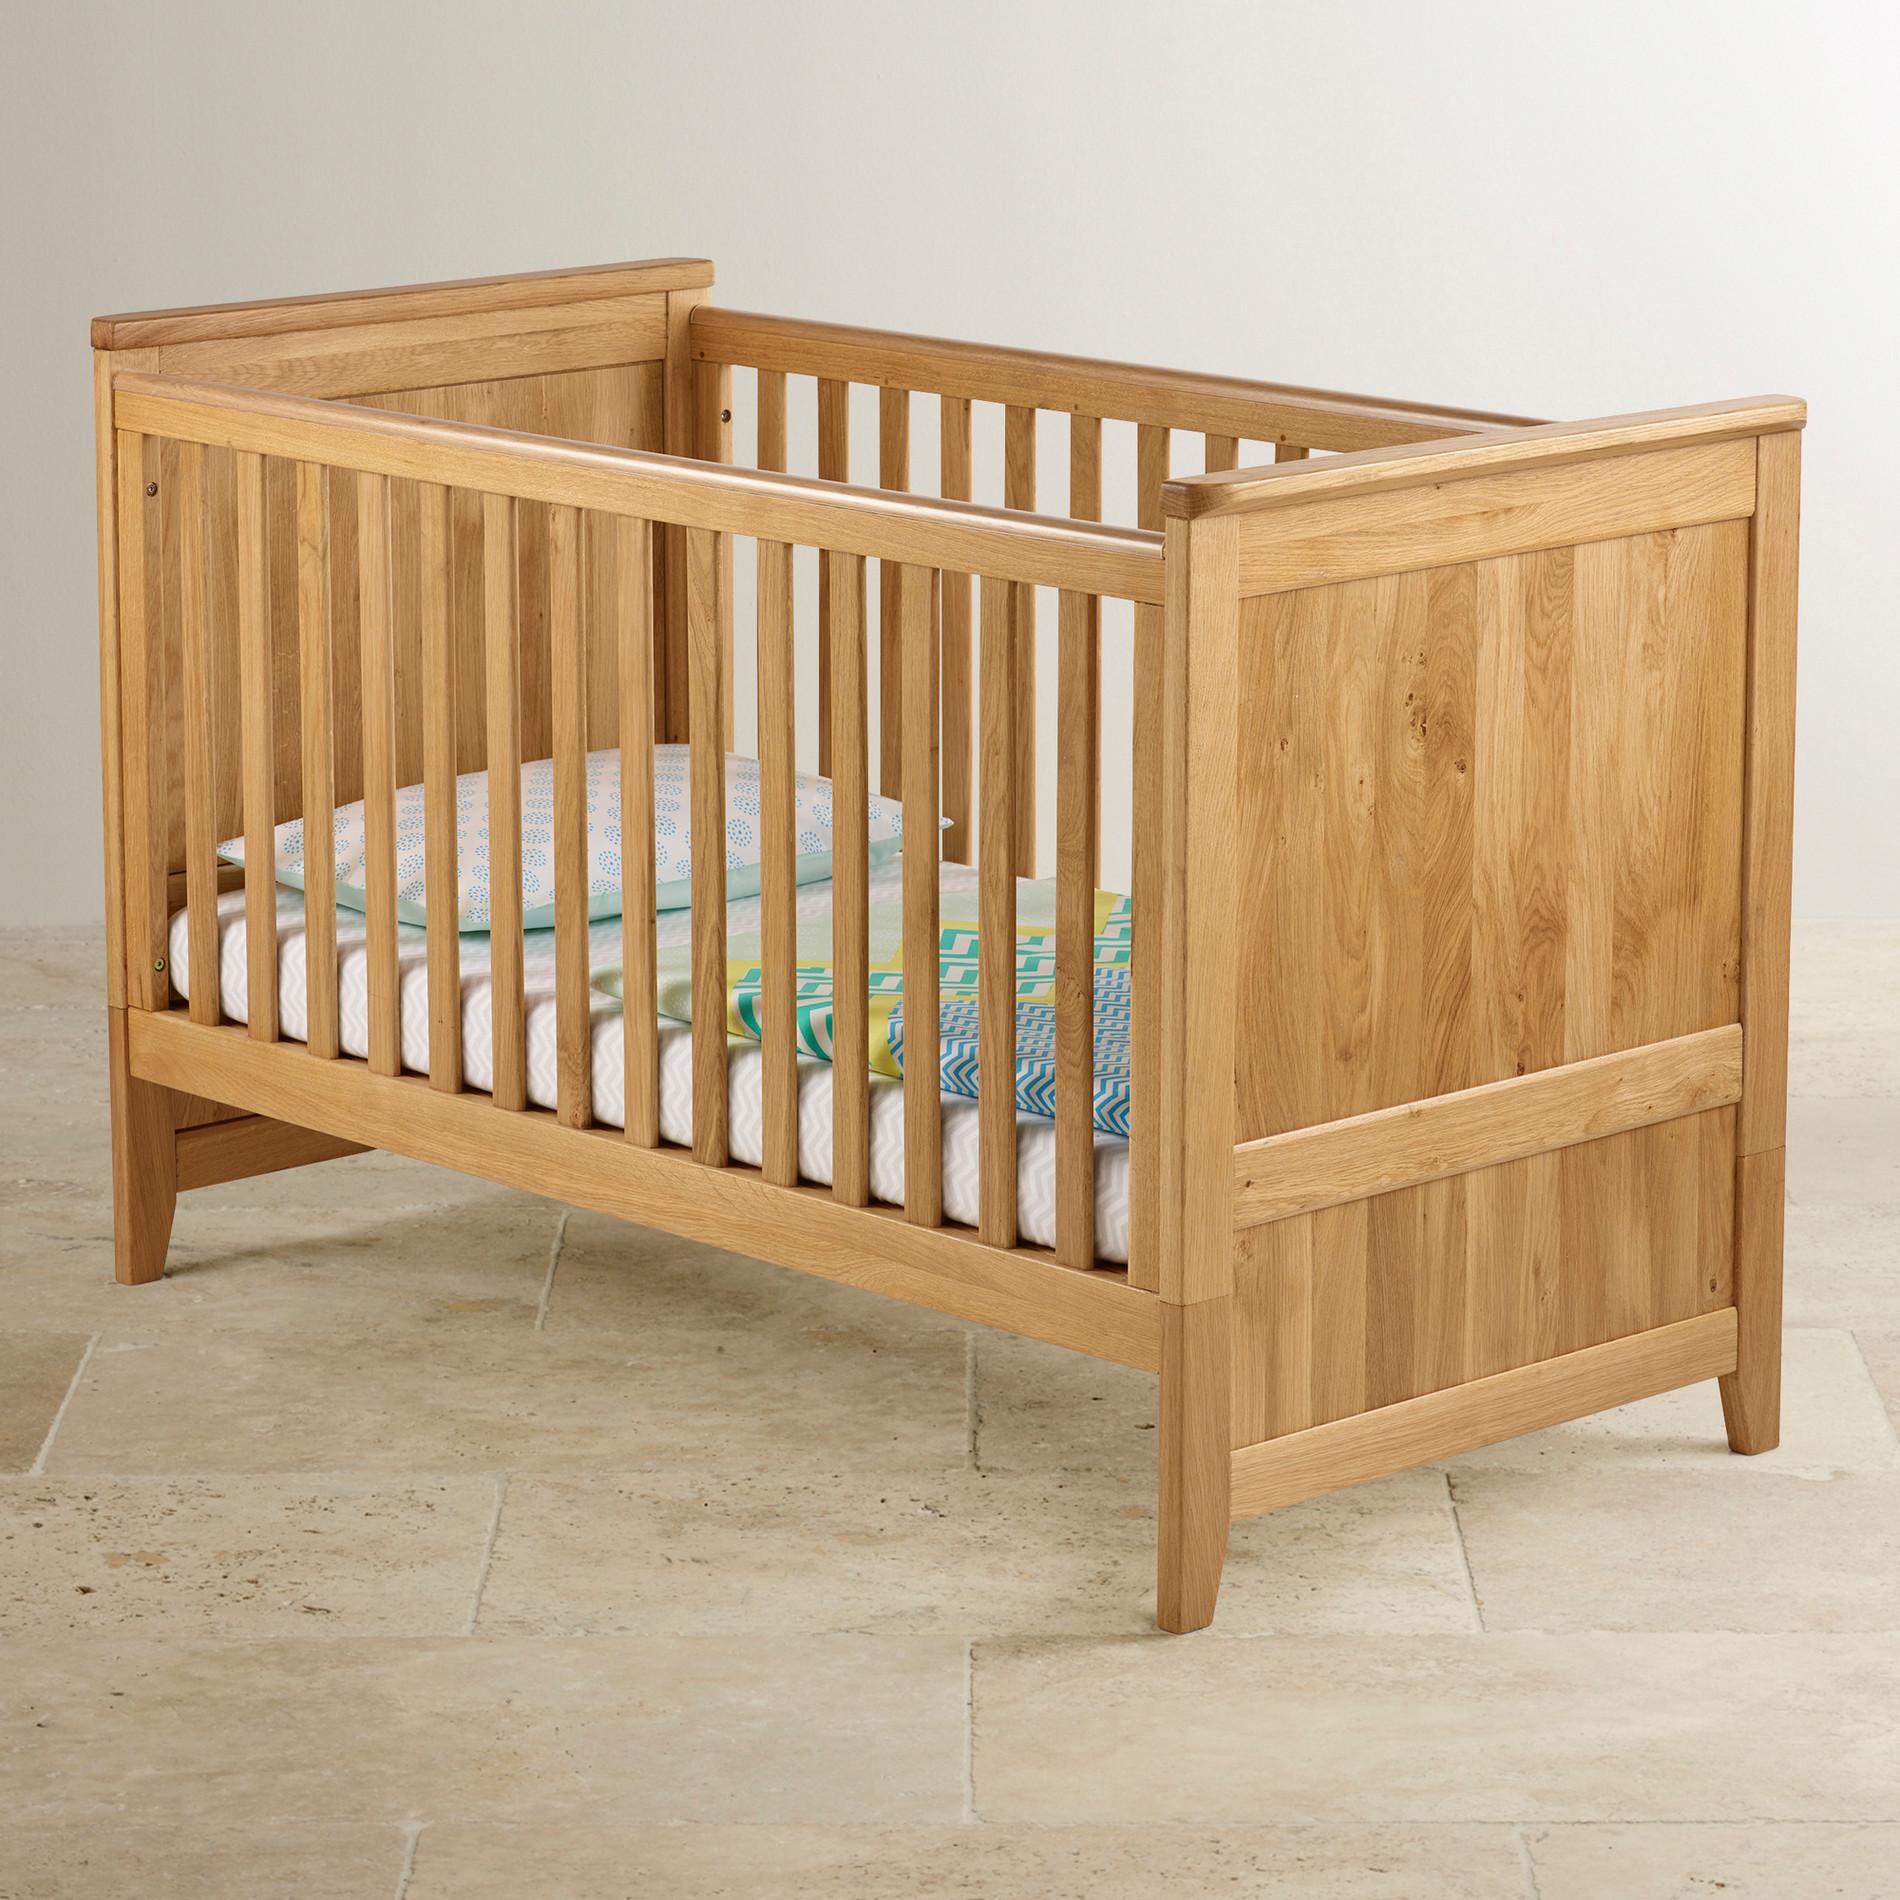 Bevel 3 In 1 Cot Bed In Natural Solid Oak Oak Furniture Land